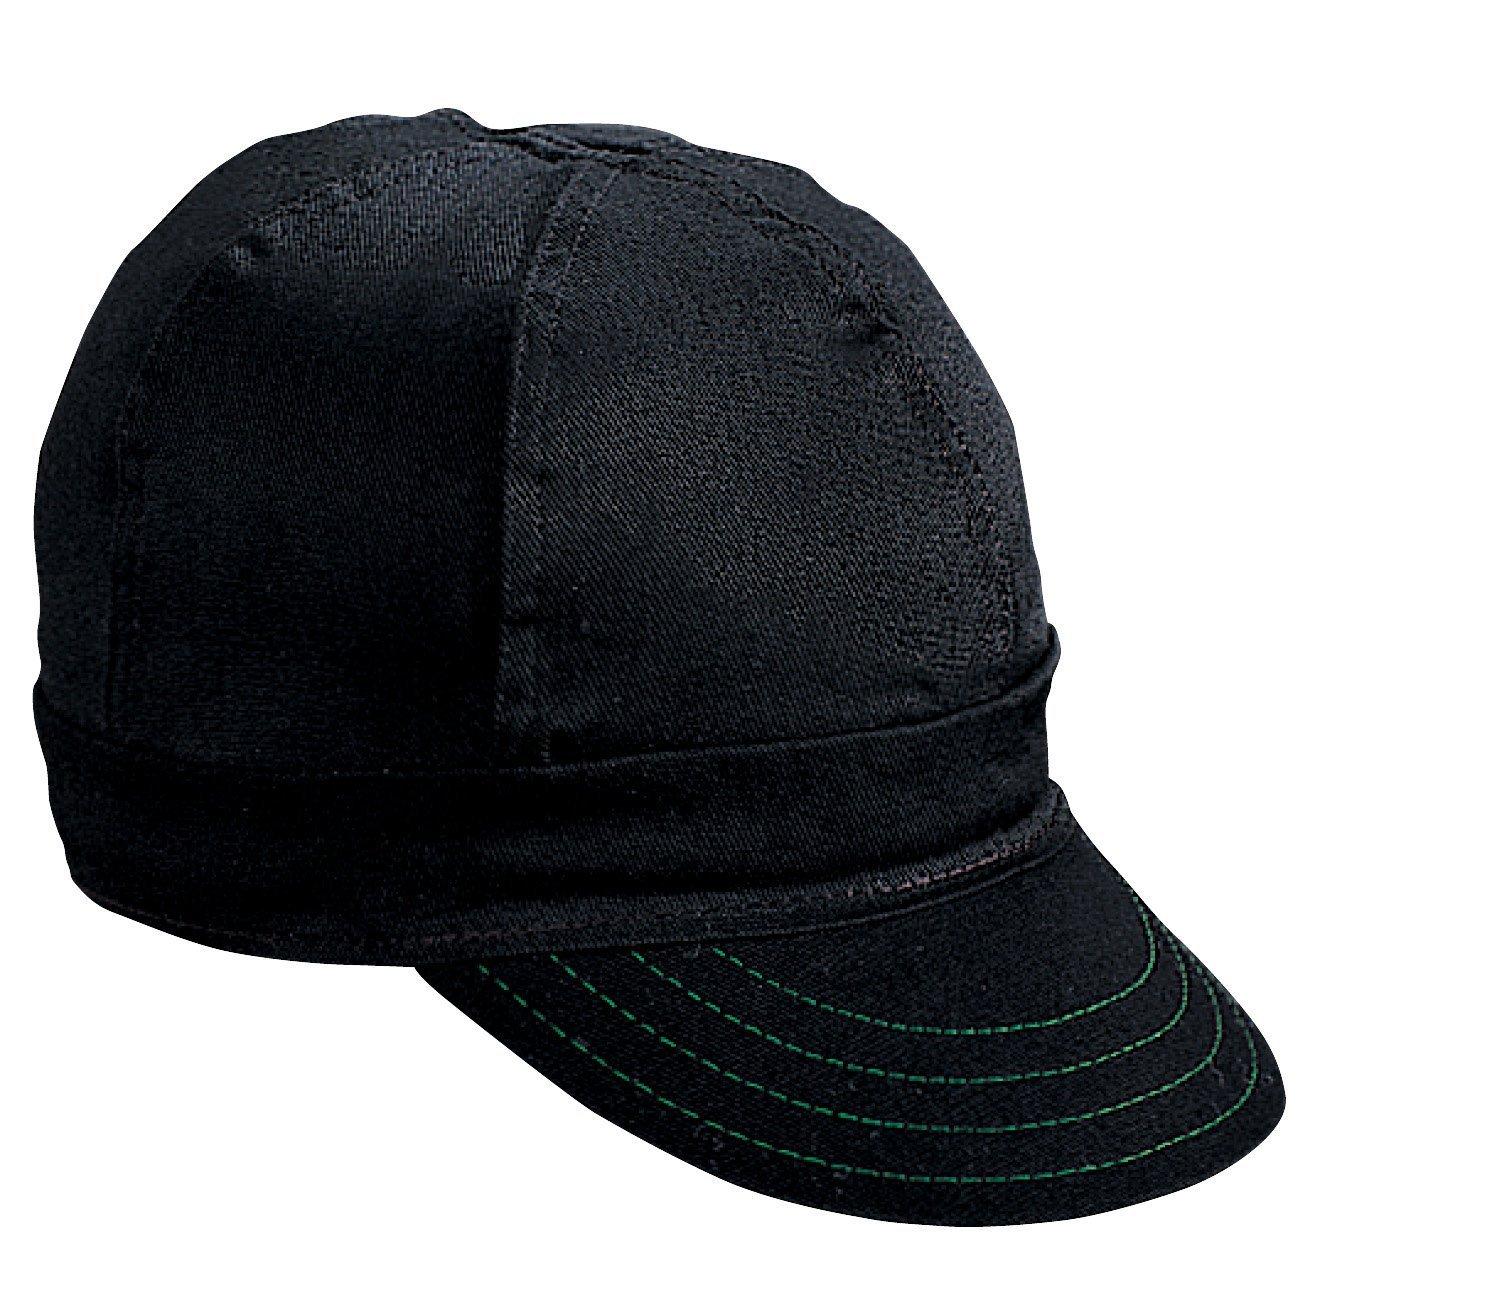 Kromer Cap Hard Brim Black (7 3/8) Mutual Industries